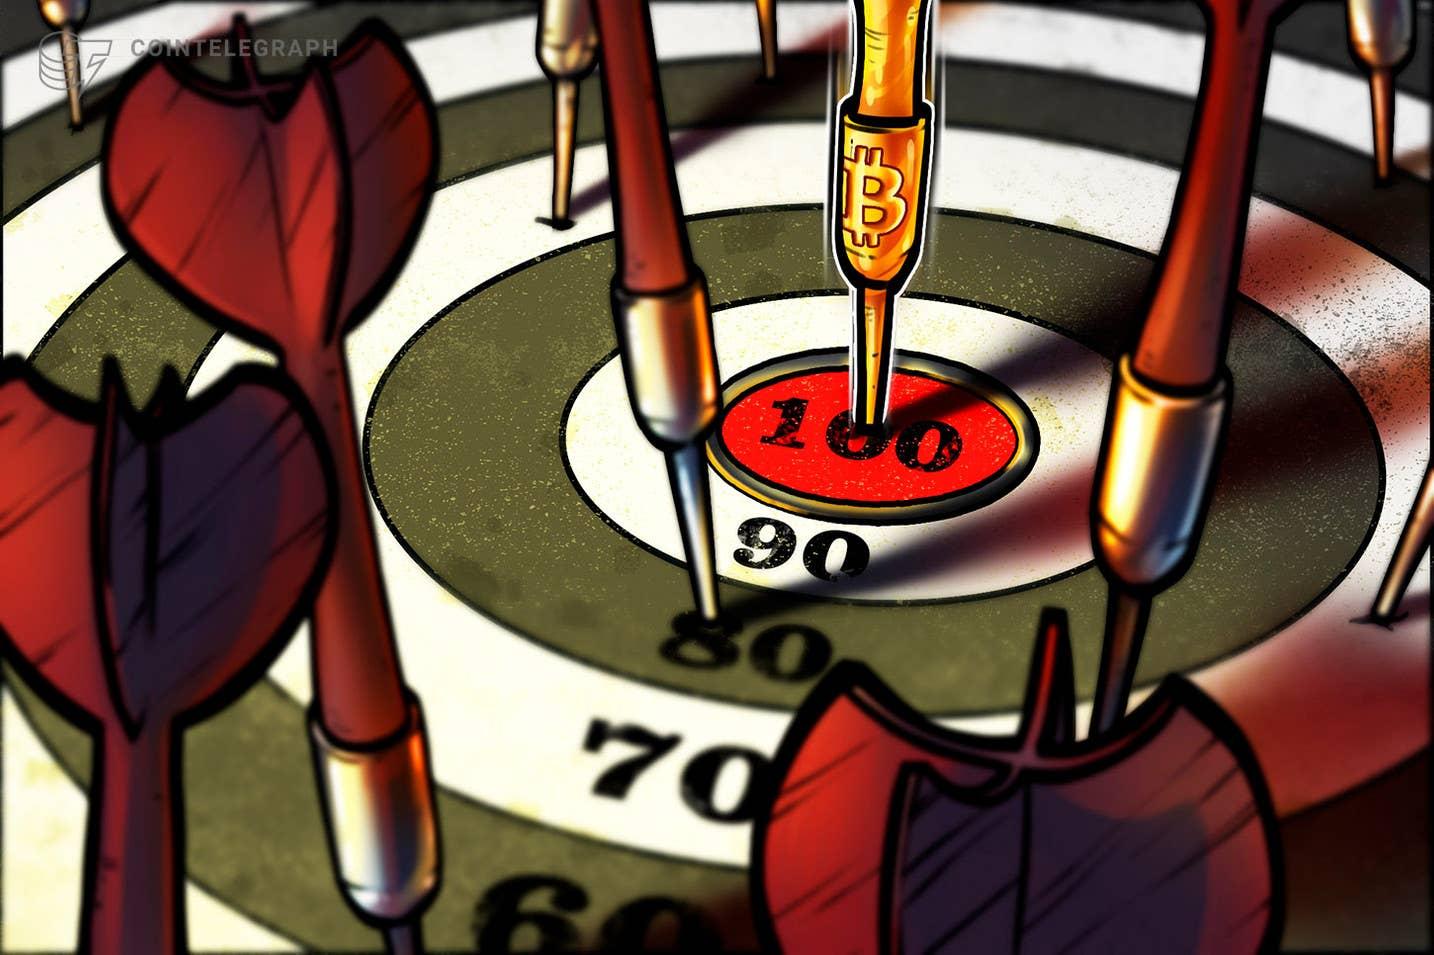 Цената на биткойн ще достигне 100 2021 долара през 2022 г. или началото на XNUMX г.: Standard Chartered